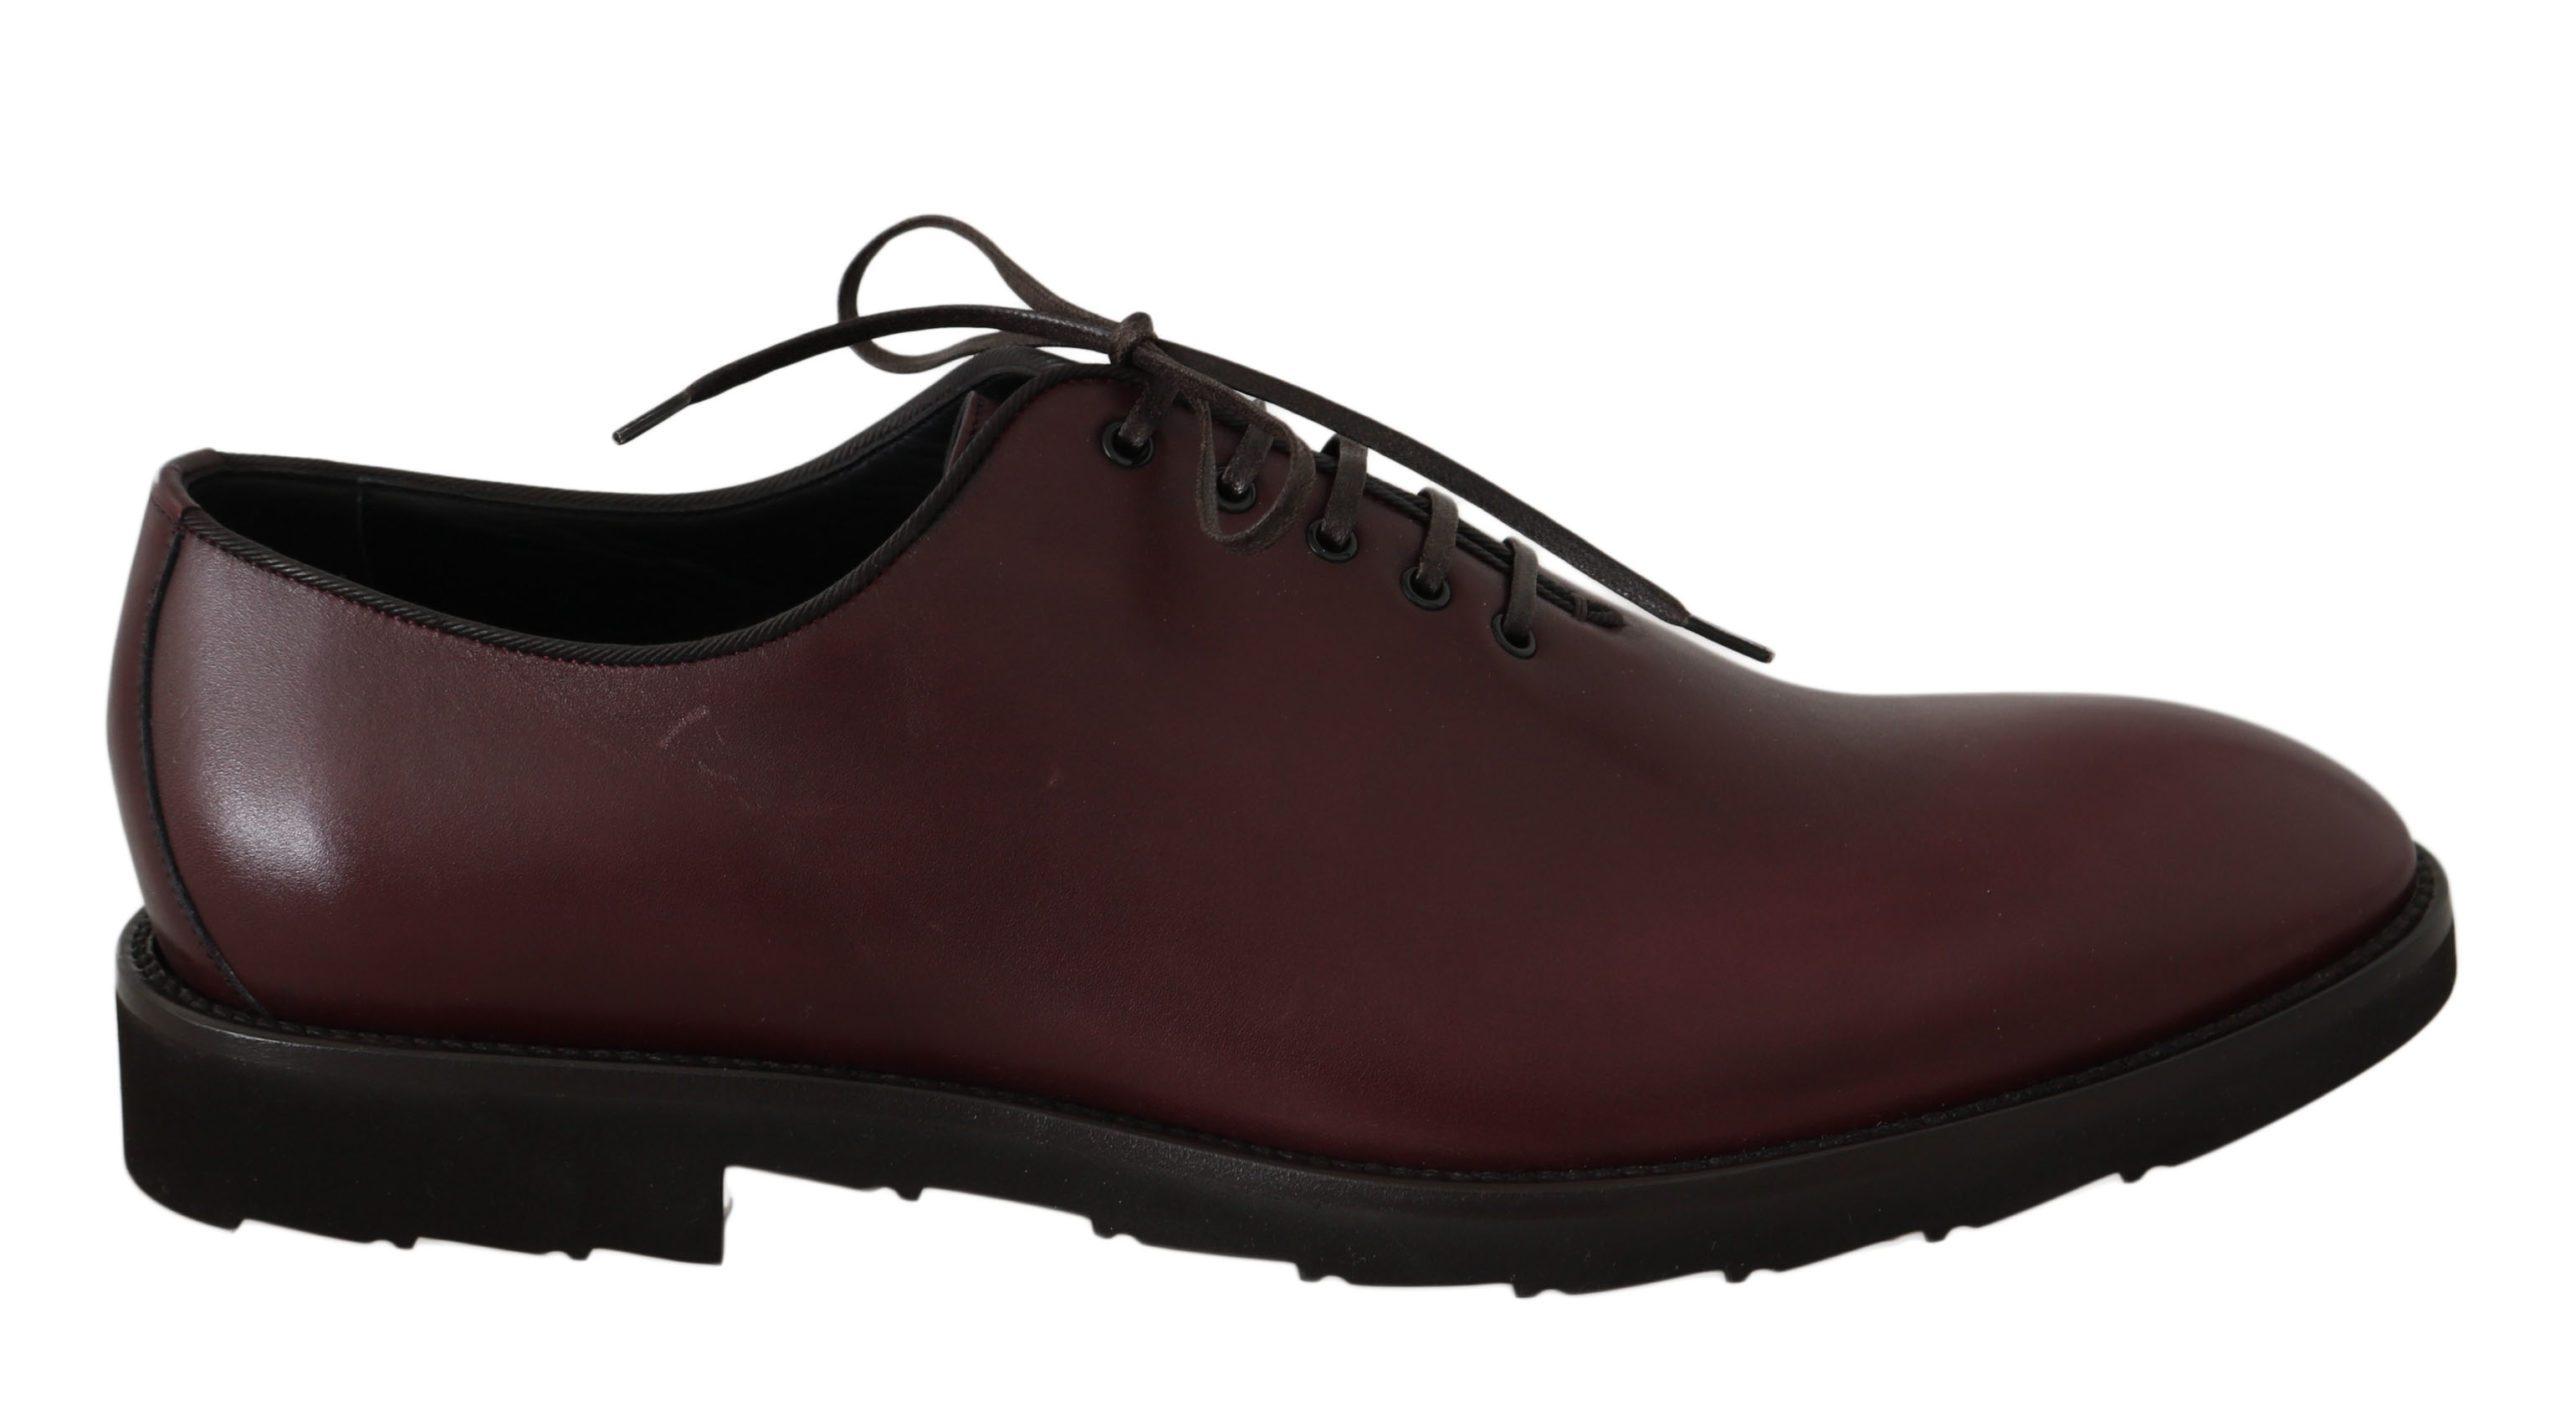 Dolce & Gabbana Men's Shoes Bordeaux MV2402 - EU45/US12